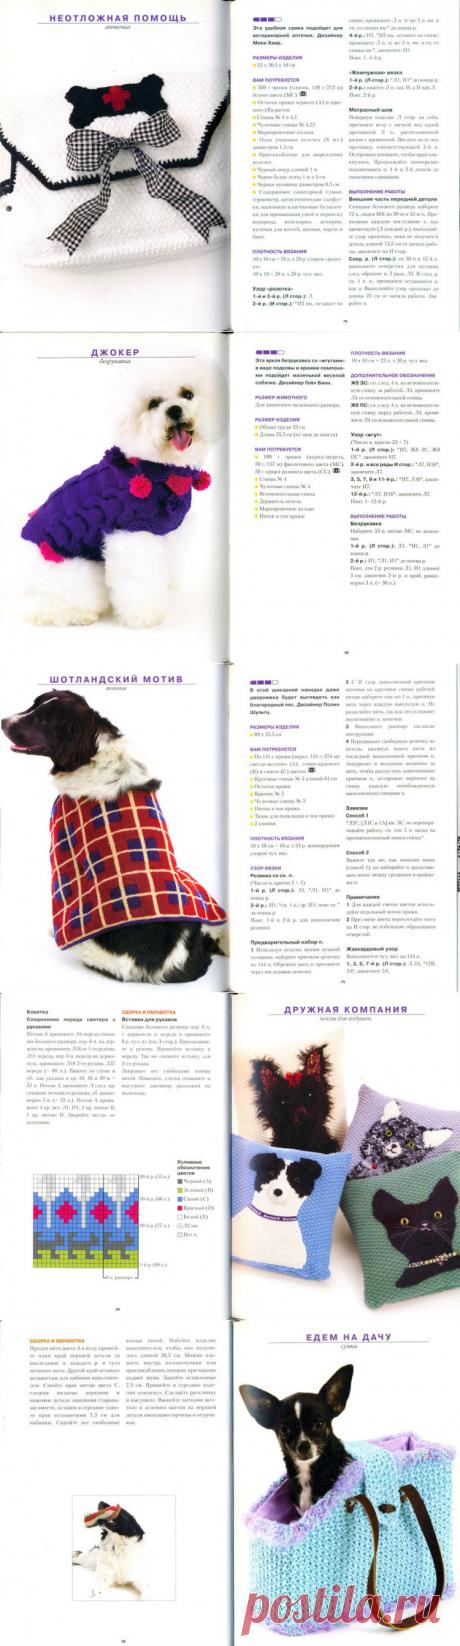 Вяжем для собачек и кошек спицами(часть1): Дневник группы «ВЯЖЕМ ПО ОПИСАНИЮ»: Группы - женская социальная сеть myJulia.ru